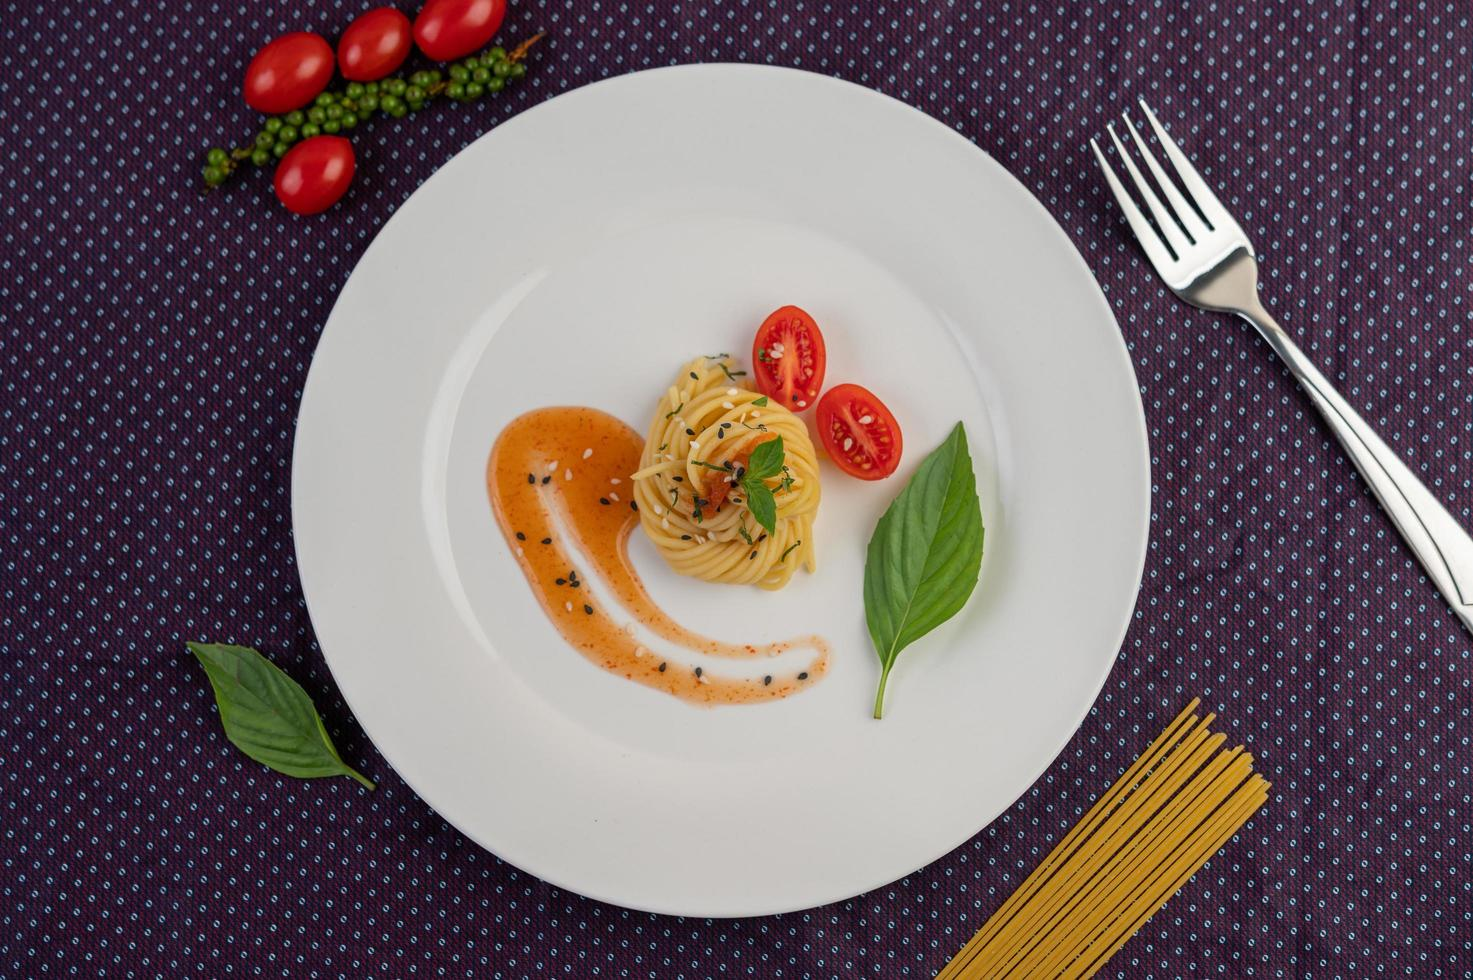 spaghettis gastronomiques joliment disposés sur une assiette blanche photo